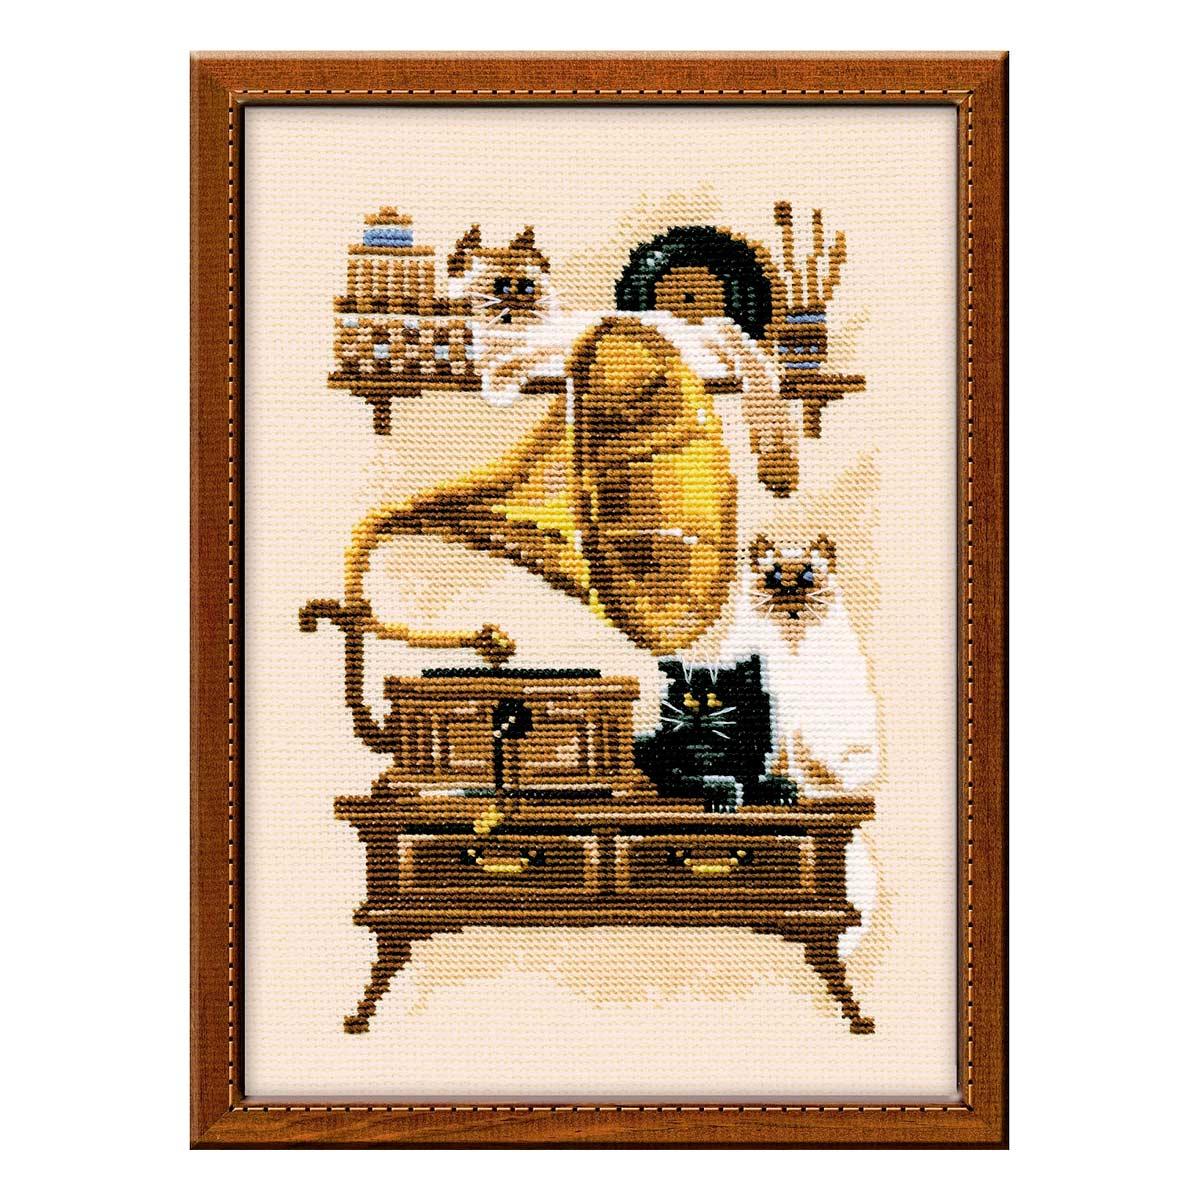 859 Набор для вышивания Riolis 'Патефон', 18*24 см